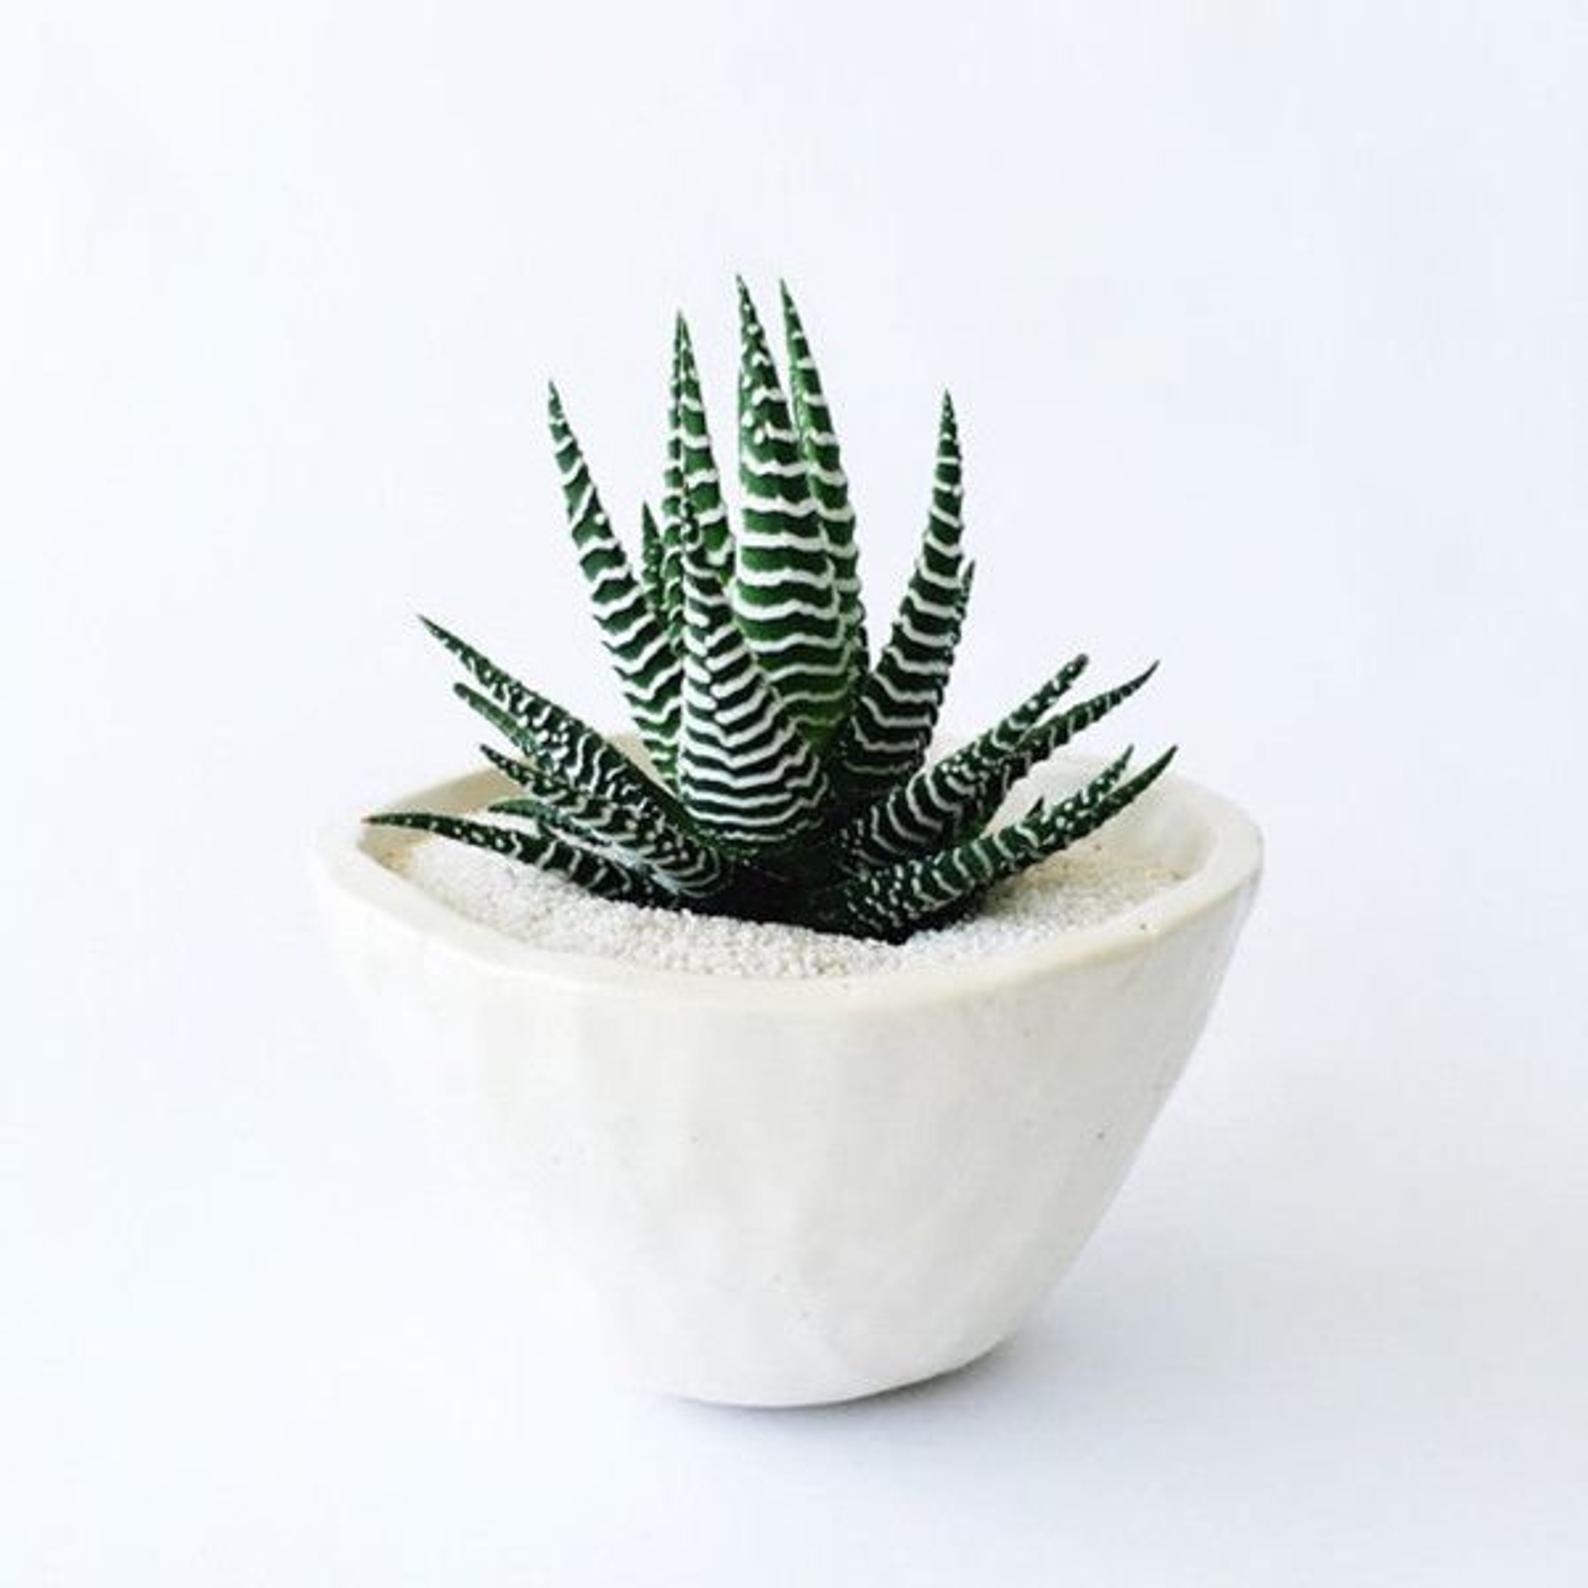 Zebra plant in white pot